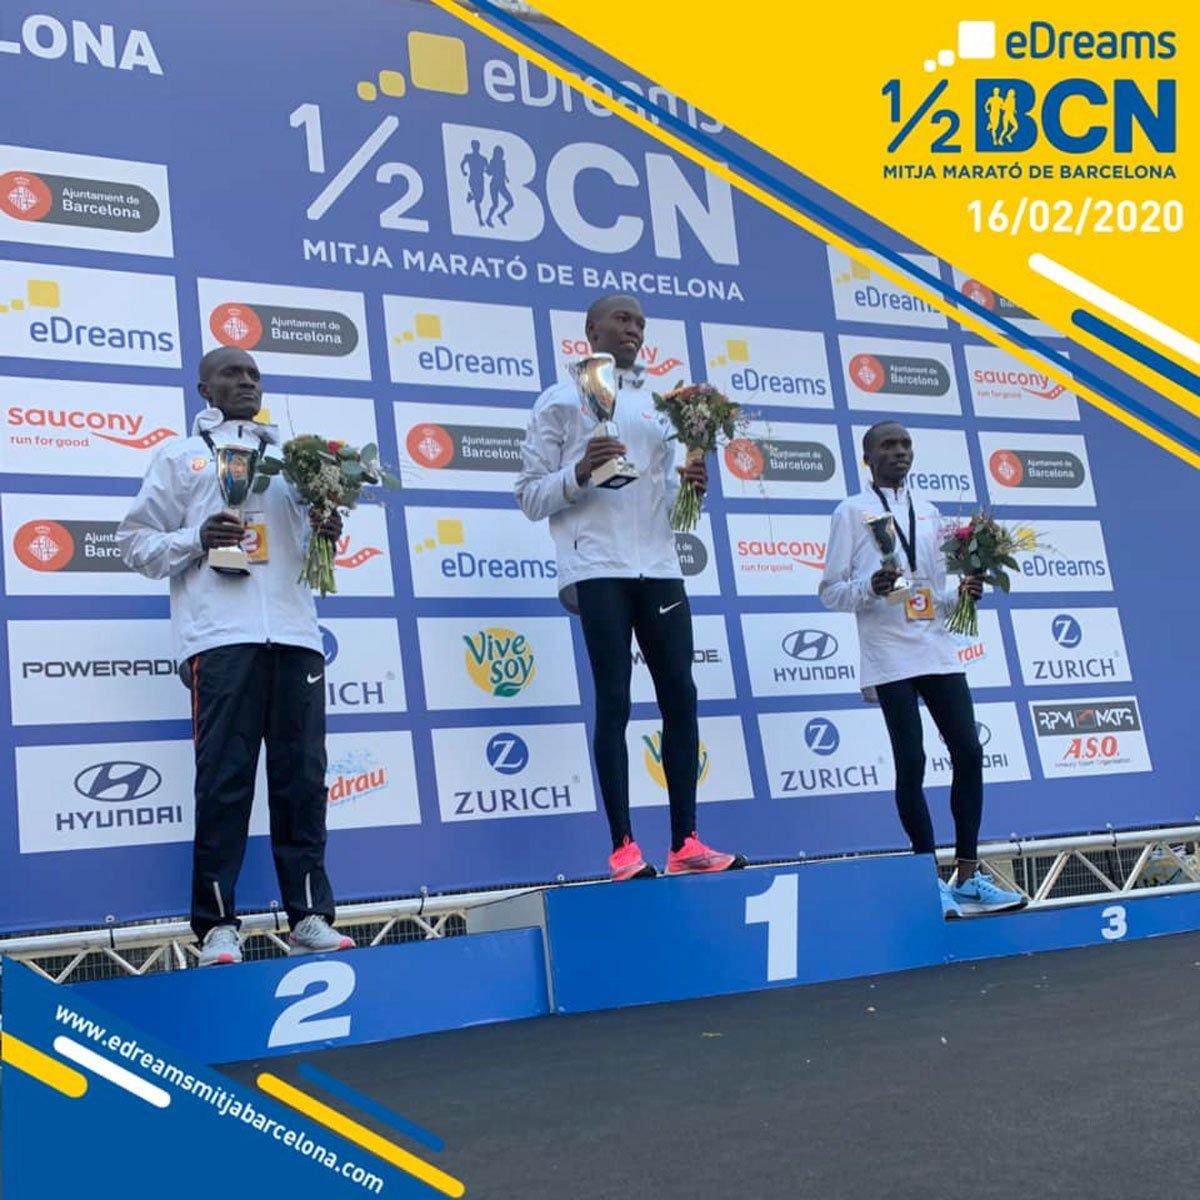 Resultados y clasificaciones de la Mitja Marató Barcelona 2020